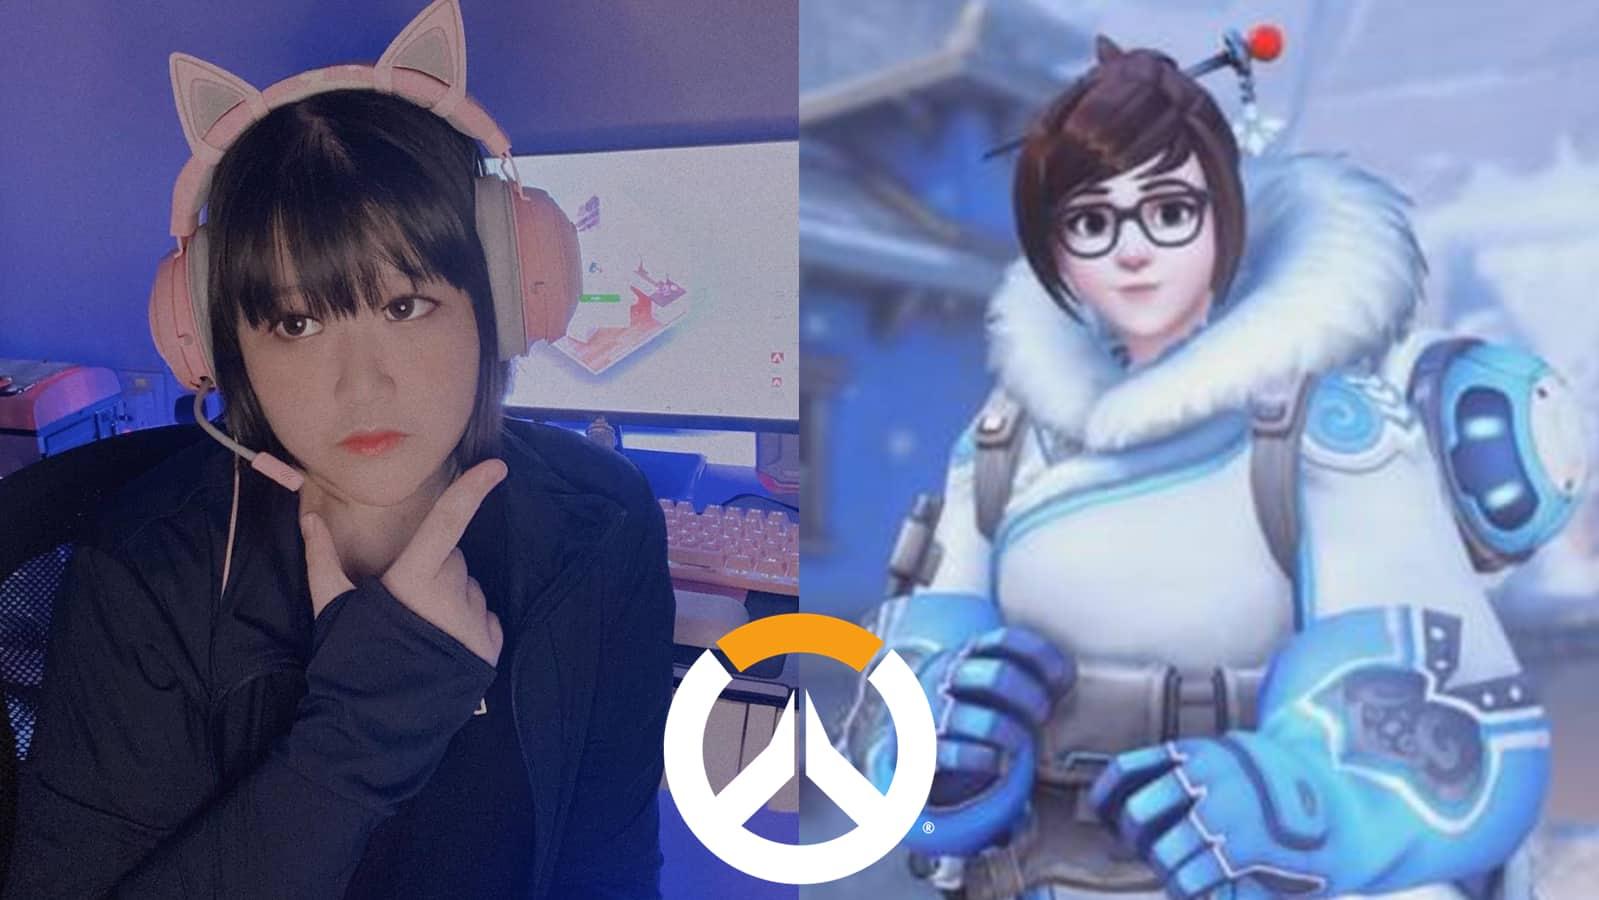 Overwatch Mei Cosplay